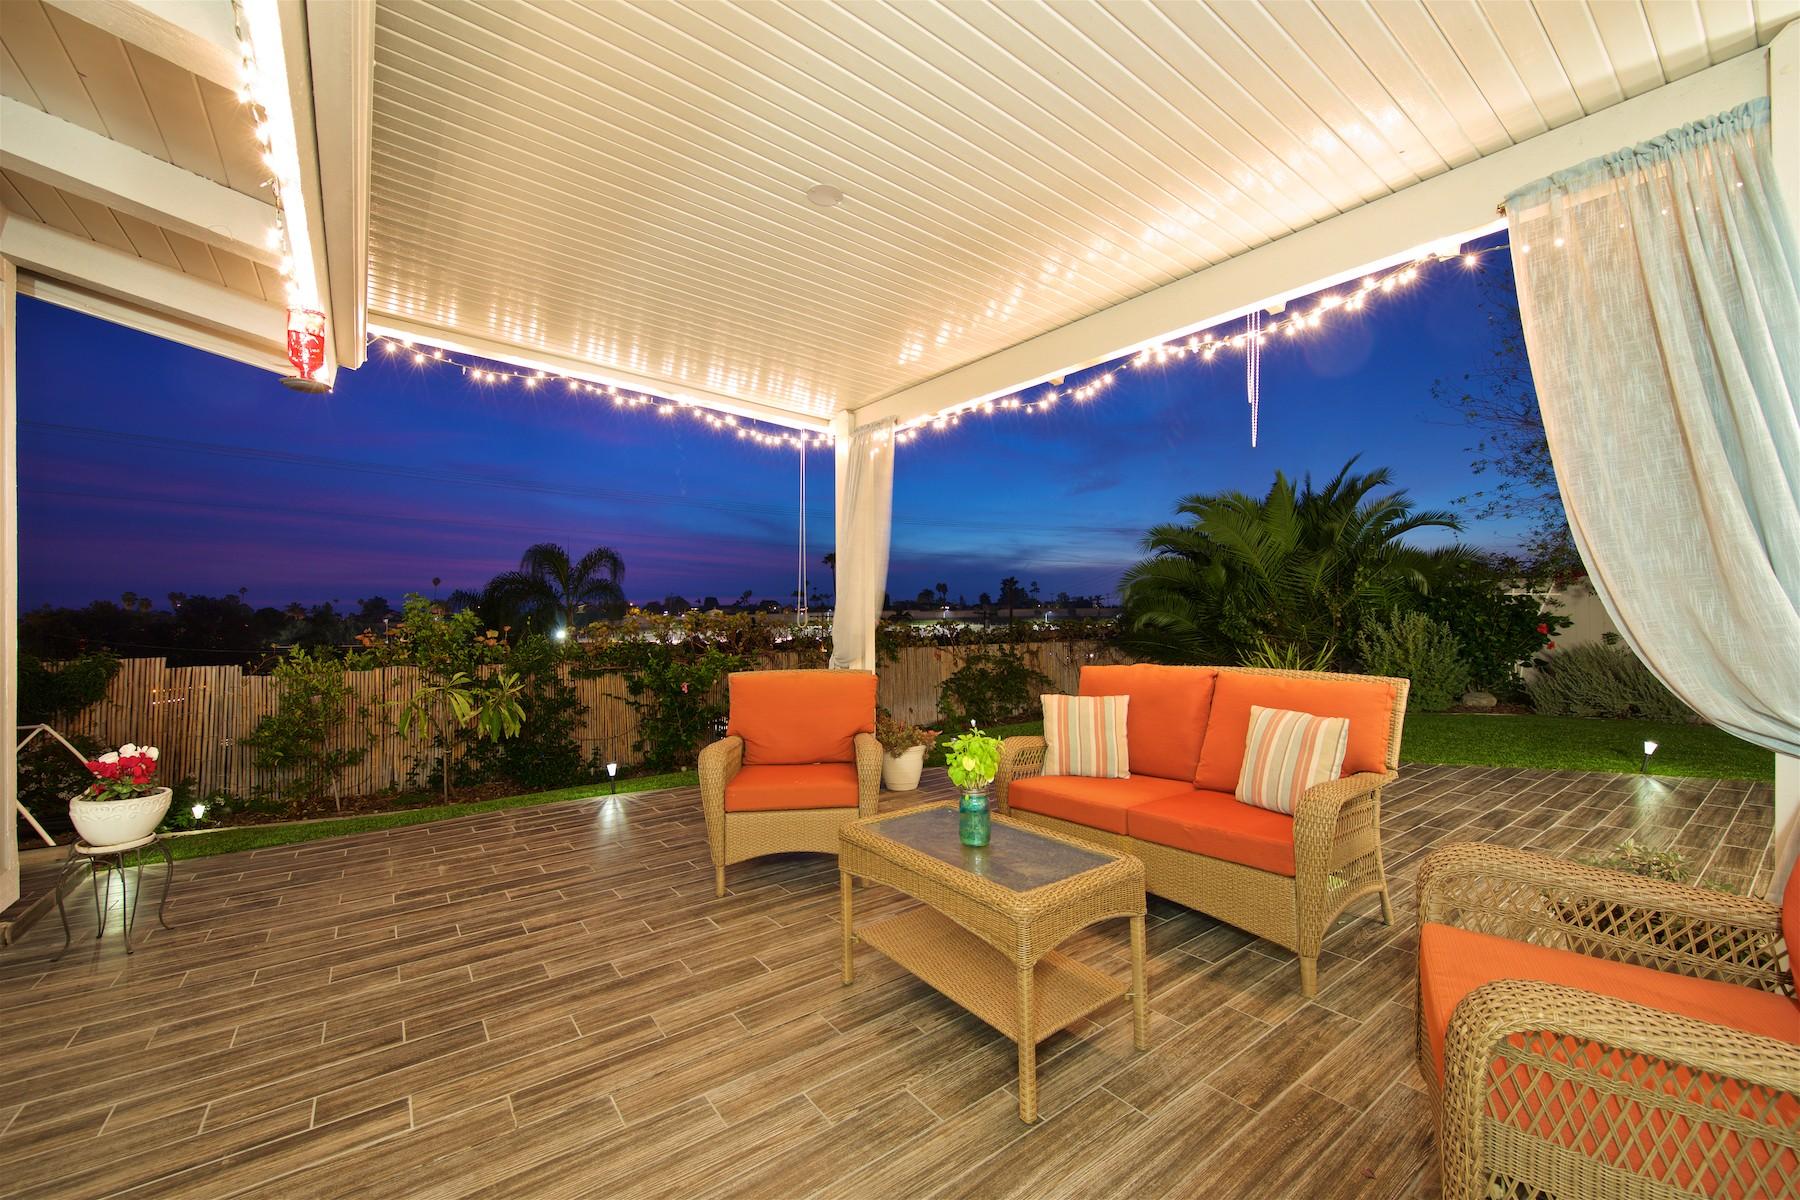 Частный односемейный дом для того Продажа на 4121 Calle Abril San Clemente, Калифорния, 92673 Соединенные Штаты